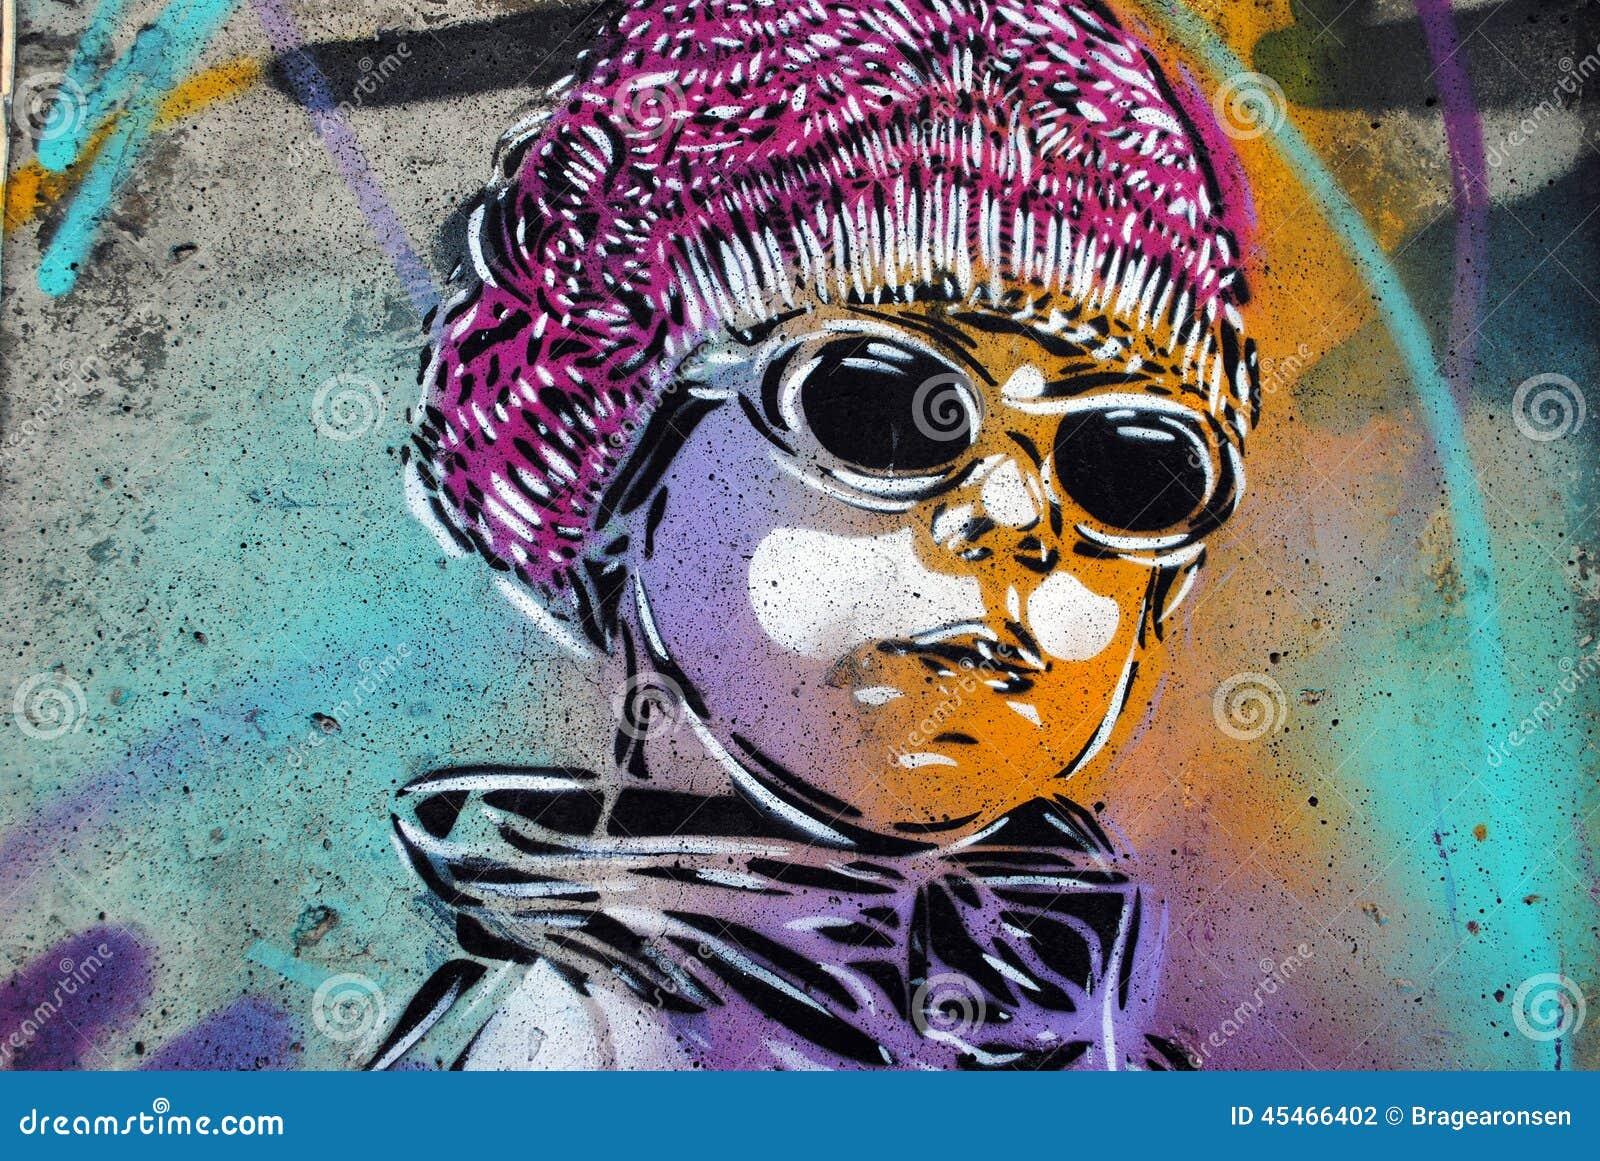 Grafitti art oslo - Editorial Stock Photo